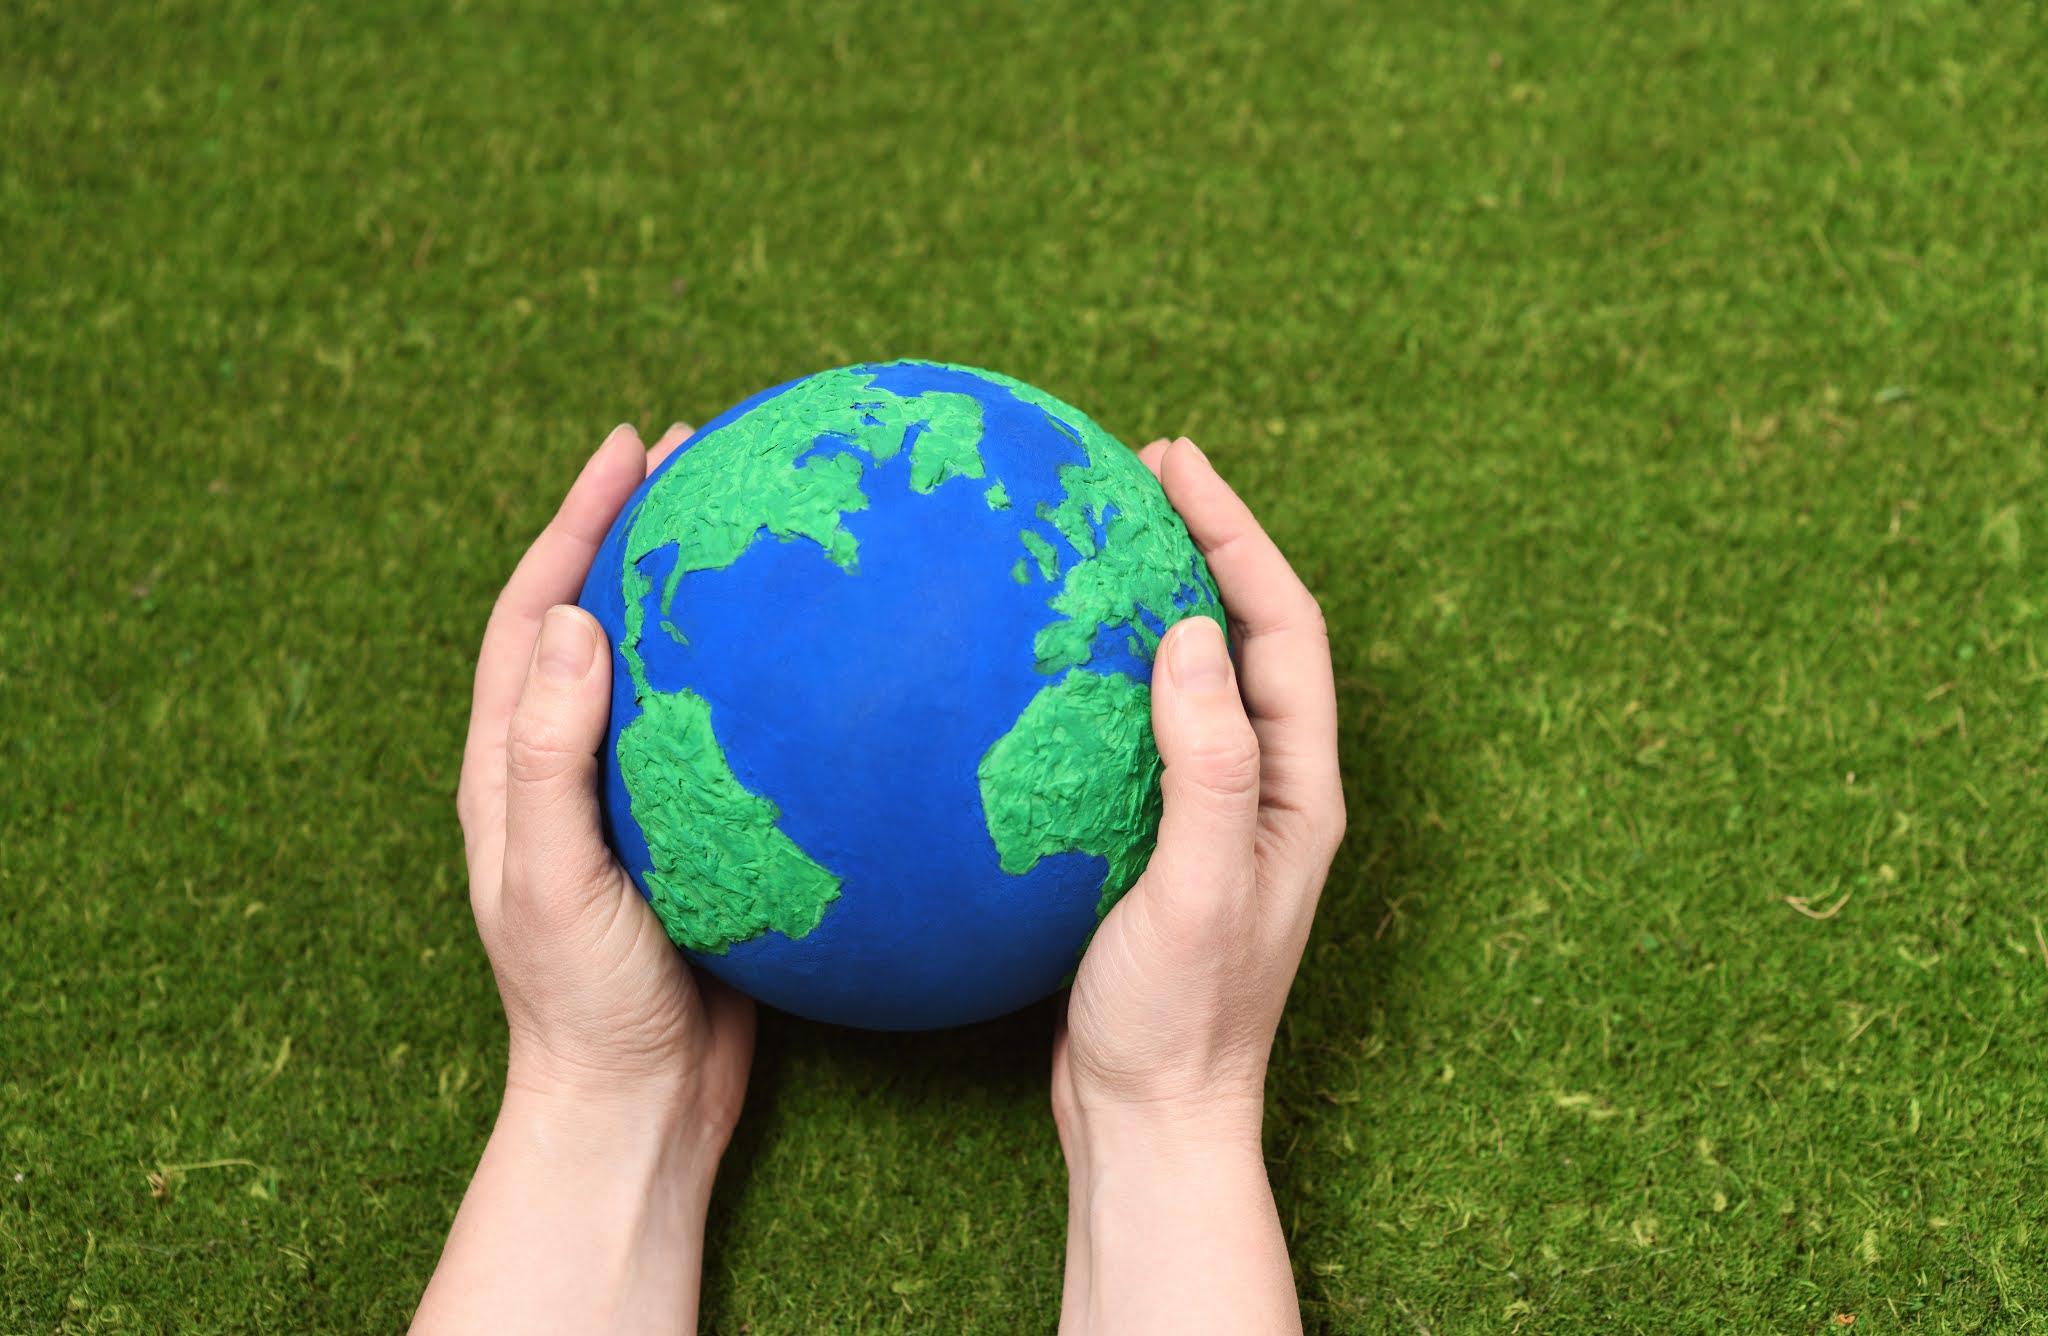 الإمارات تتعاون مع اليابان لاستكشاف الفرص المتاحة في مجال تطوير الهيدروجين